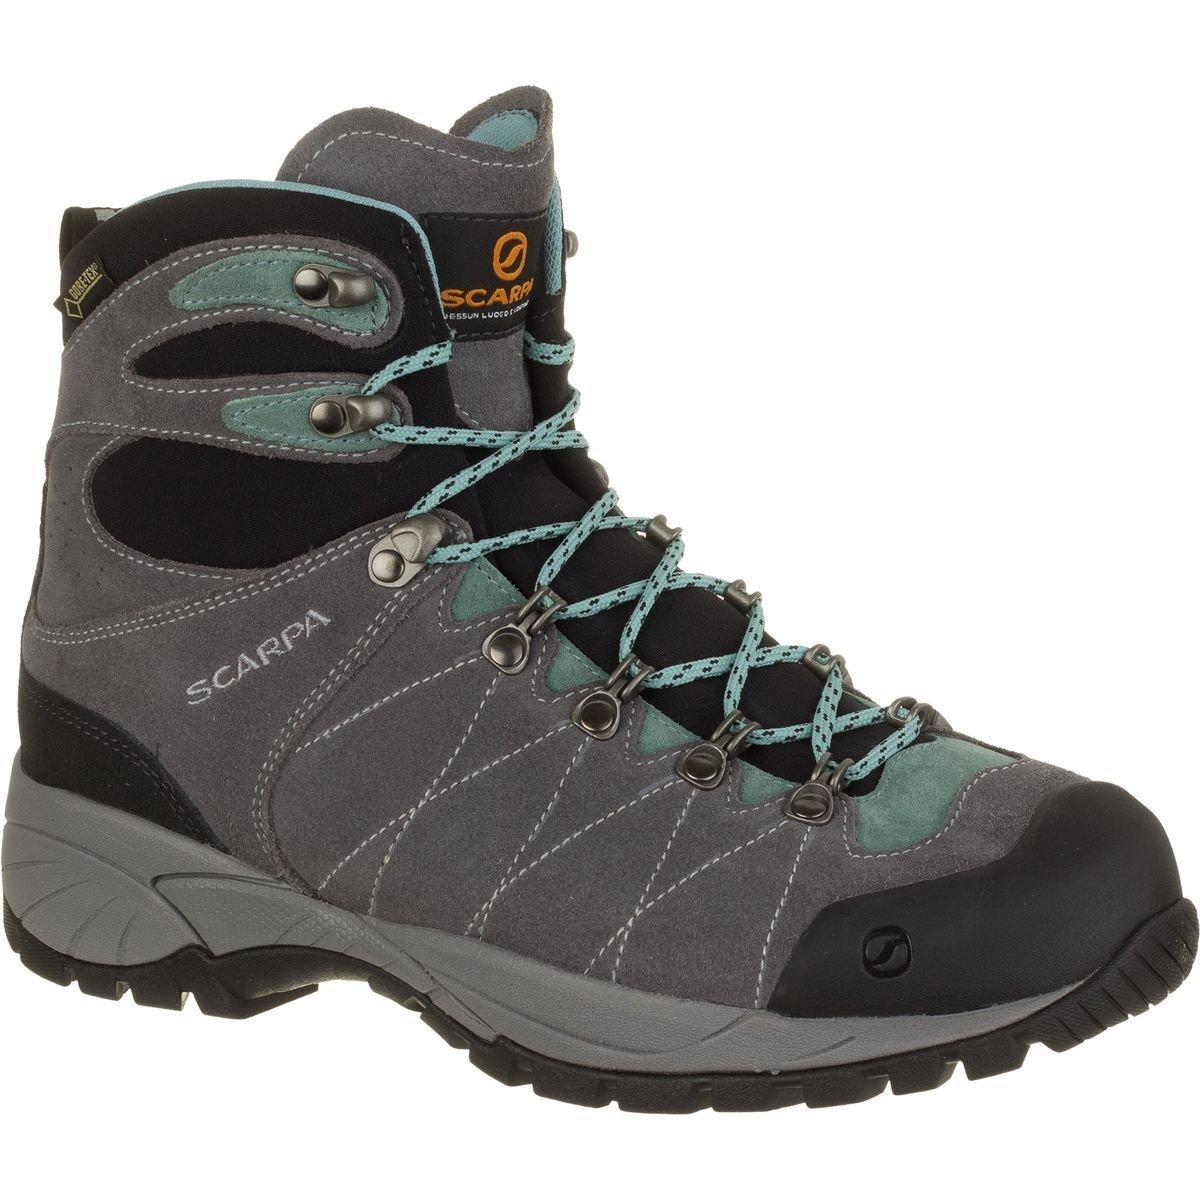 Scarpa Women's R-Evolution Gtx Wmn W Hiking Boot, Smoke/Jade, 42 EU/10 M US by SCARPA